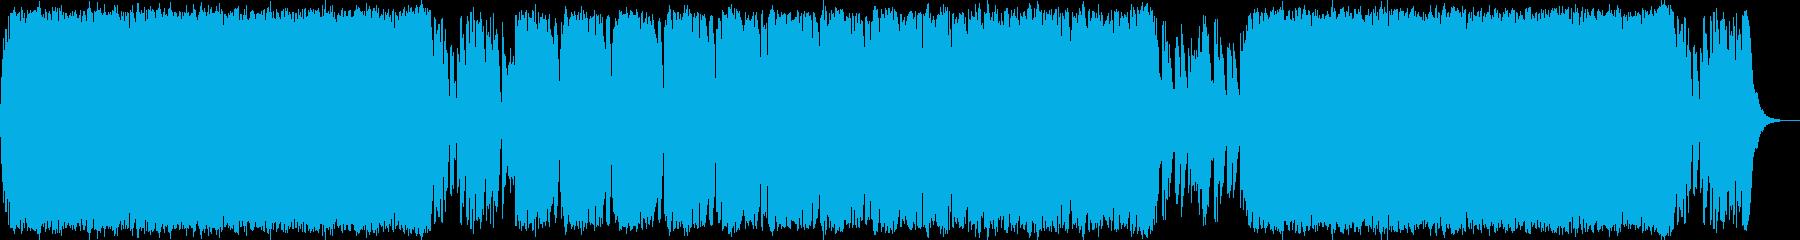 悪が支配するエレクトロオーケストラマーチの再生済みの波形